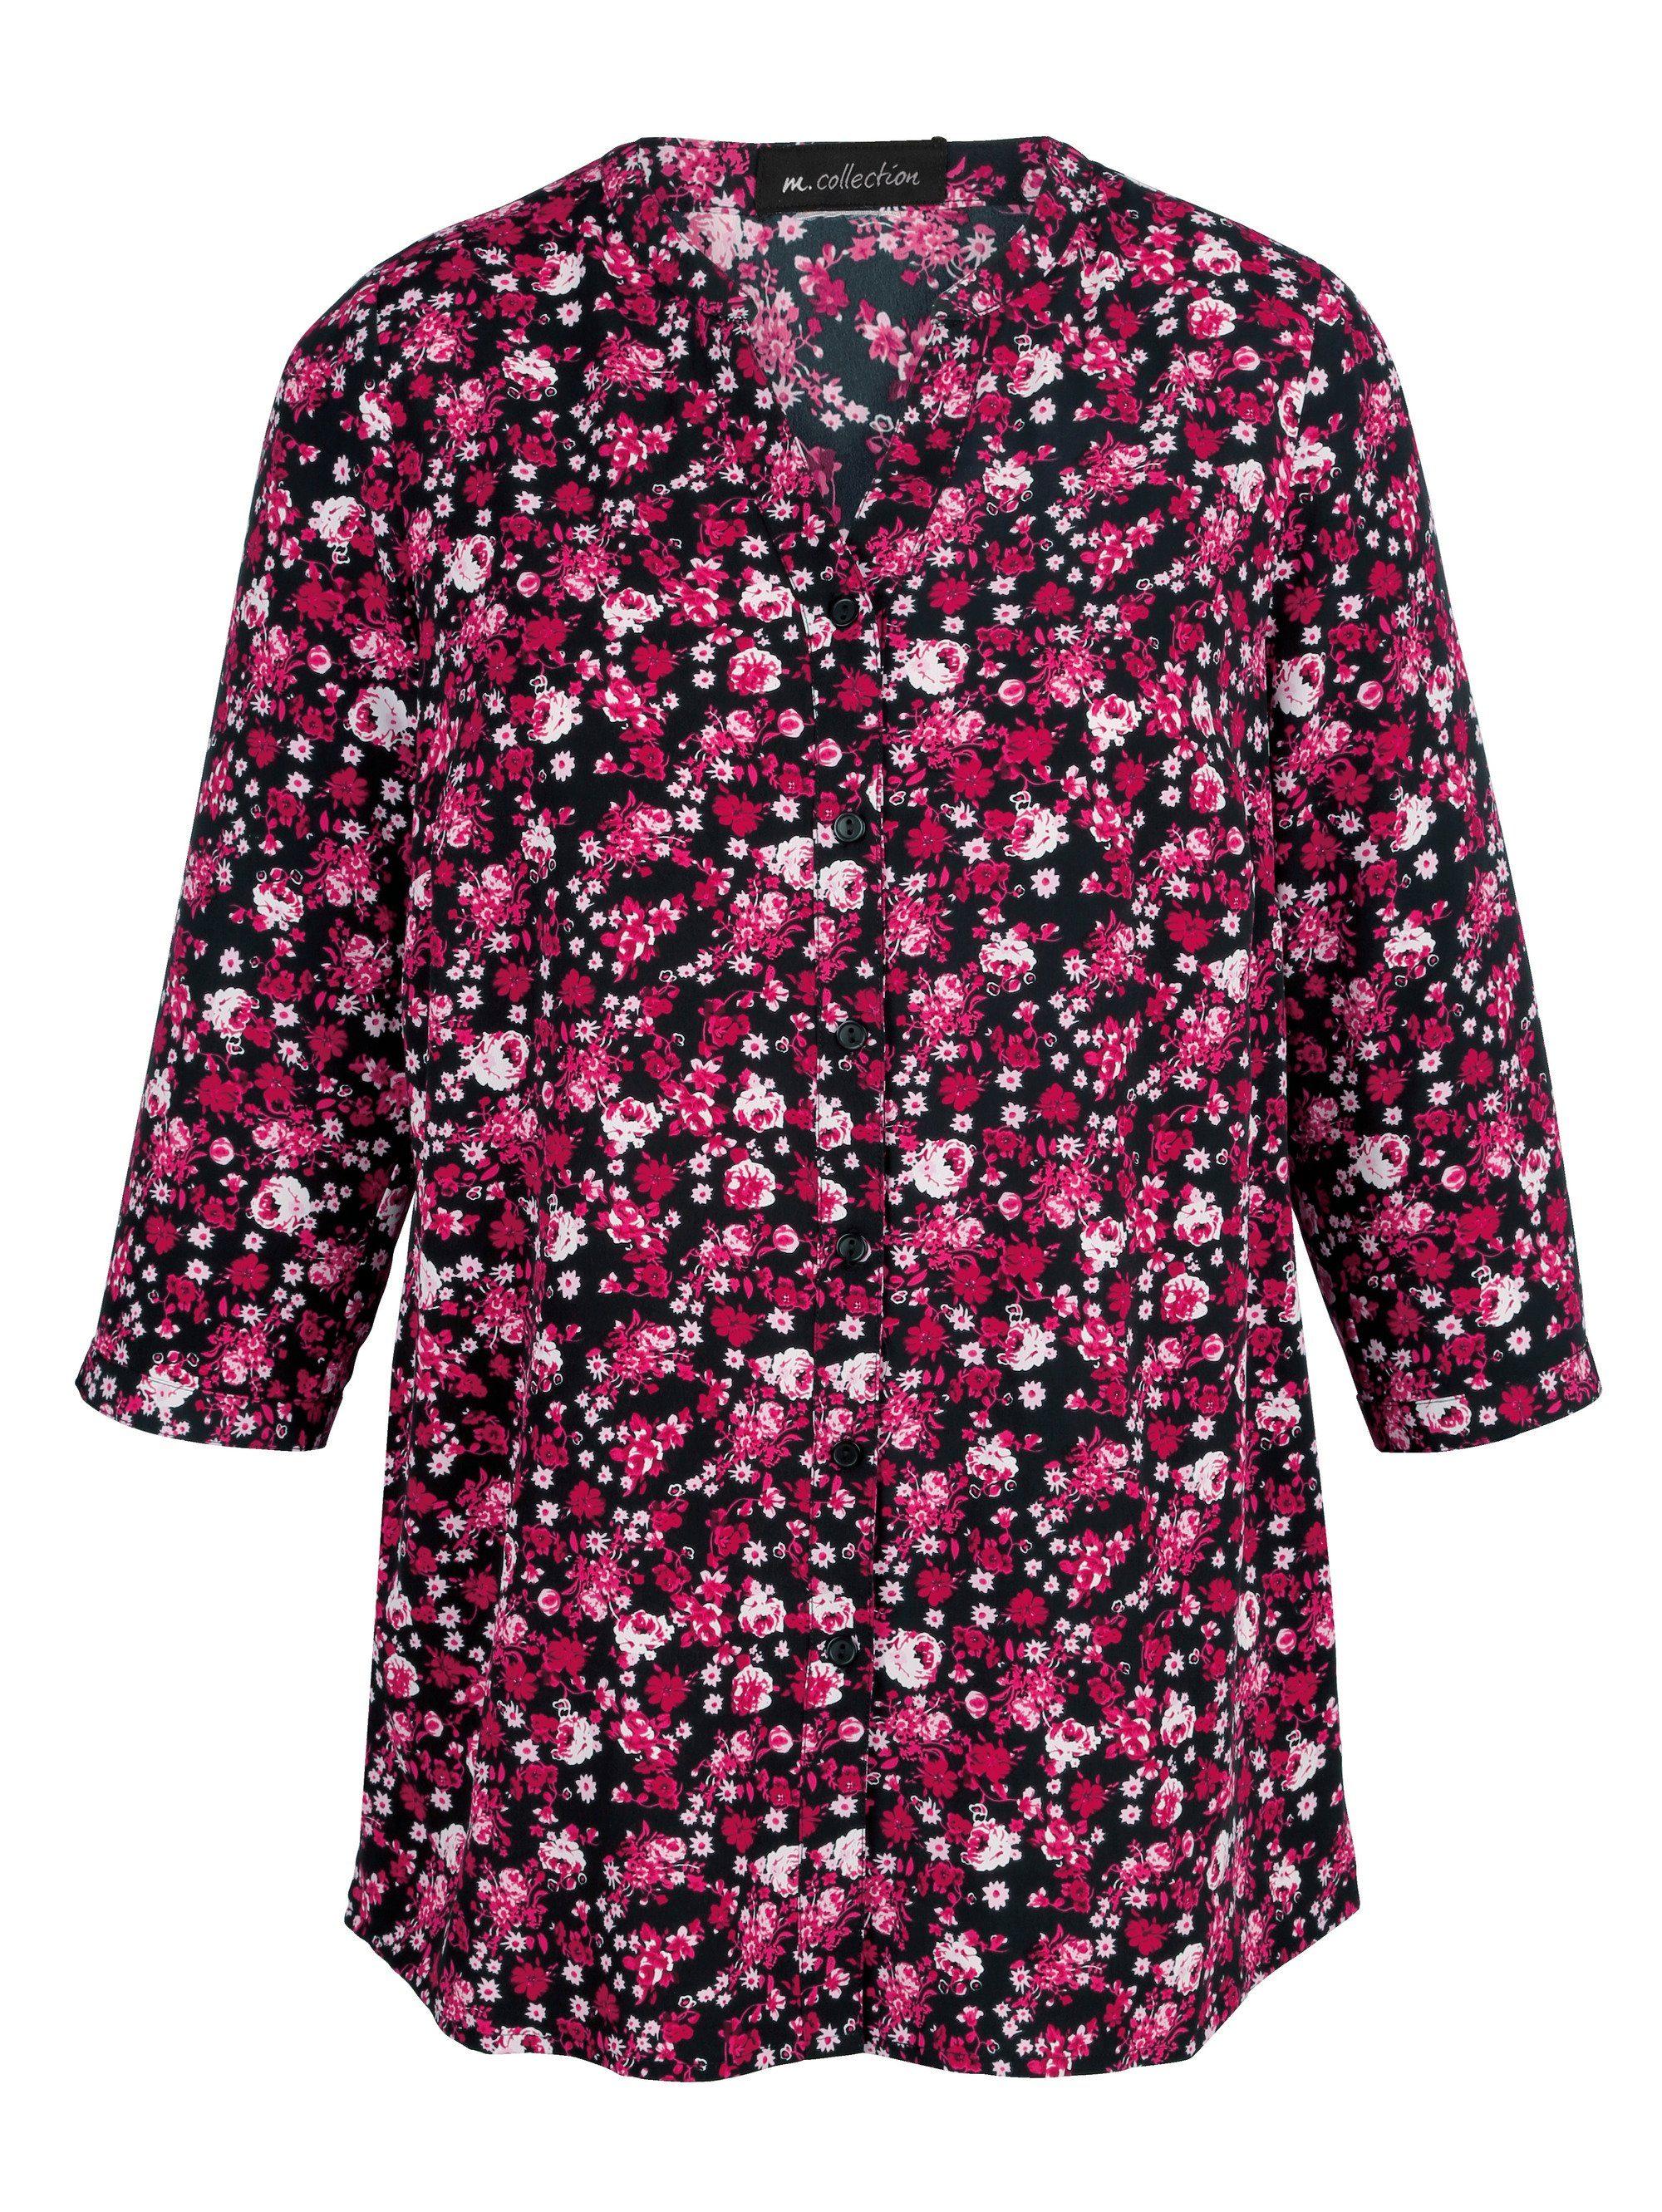 m collection Bluse mit attraktivem Blumendruckmuster rundum